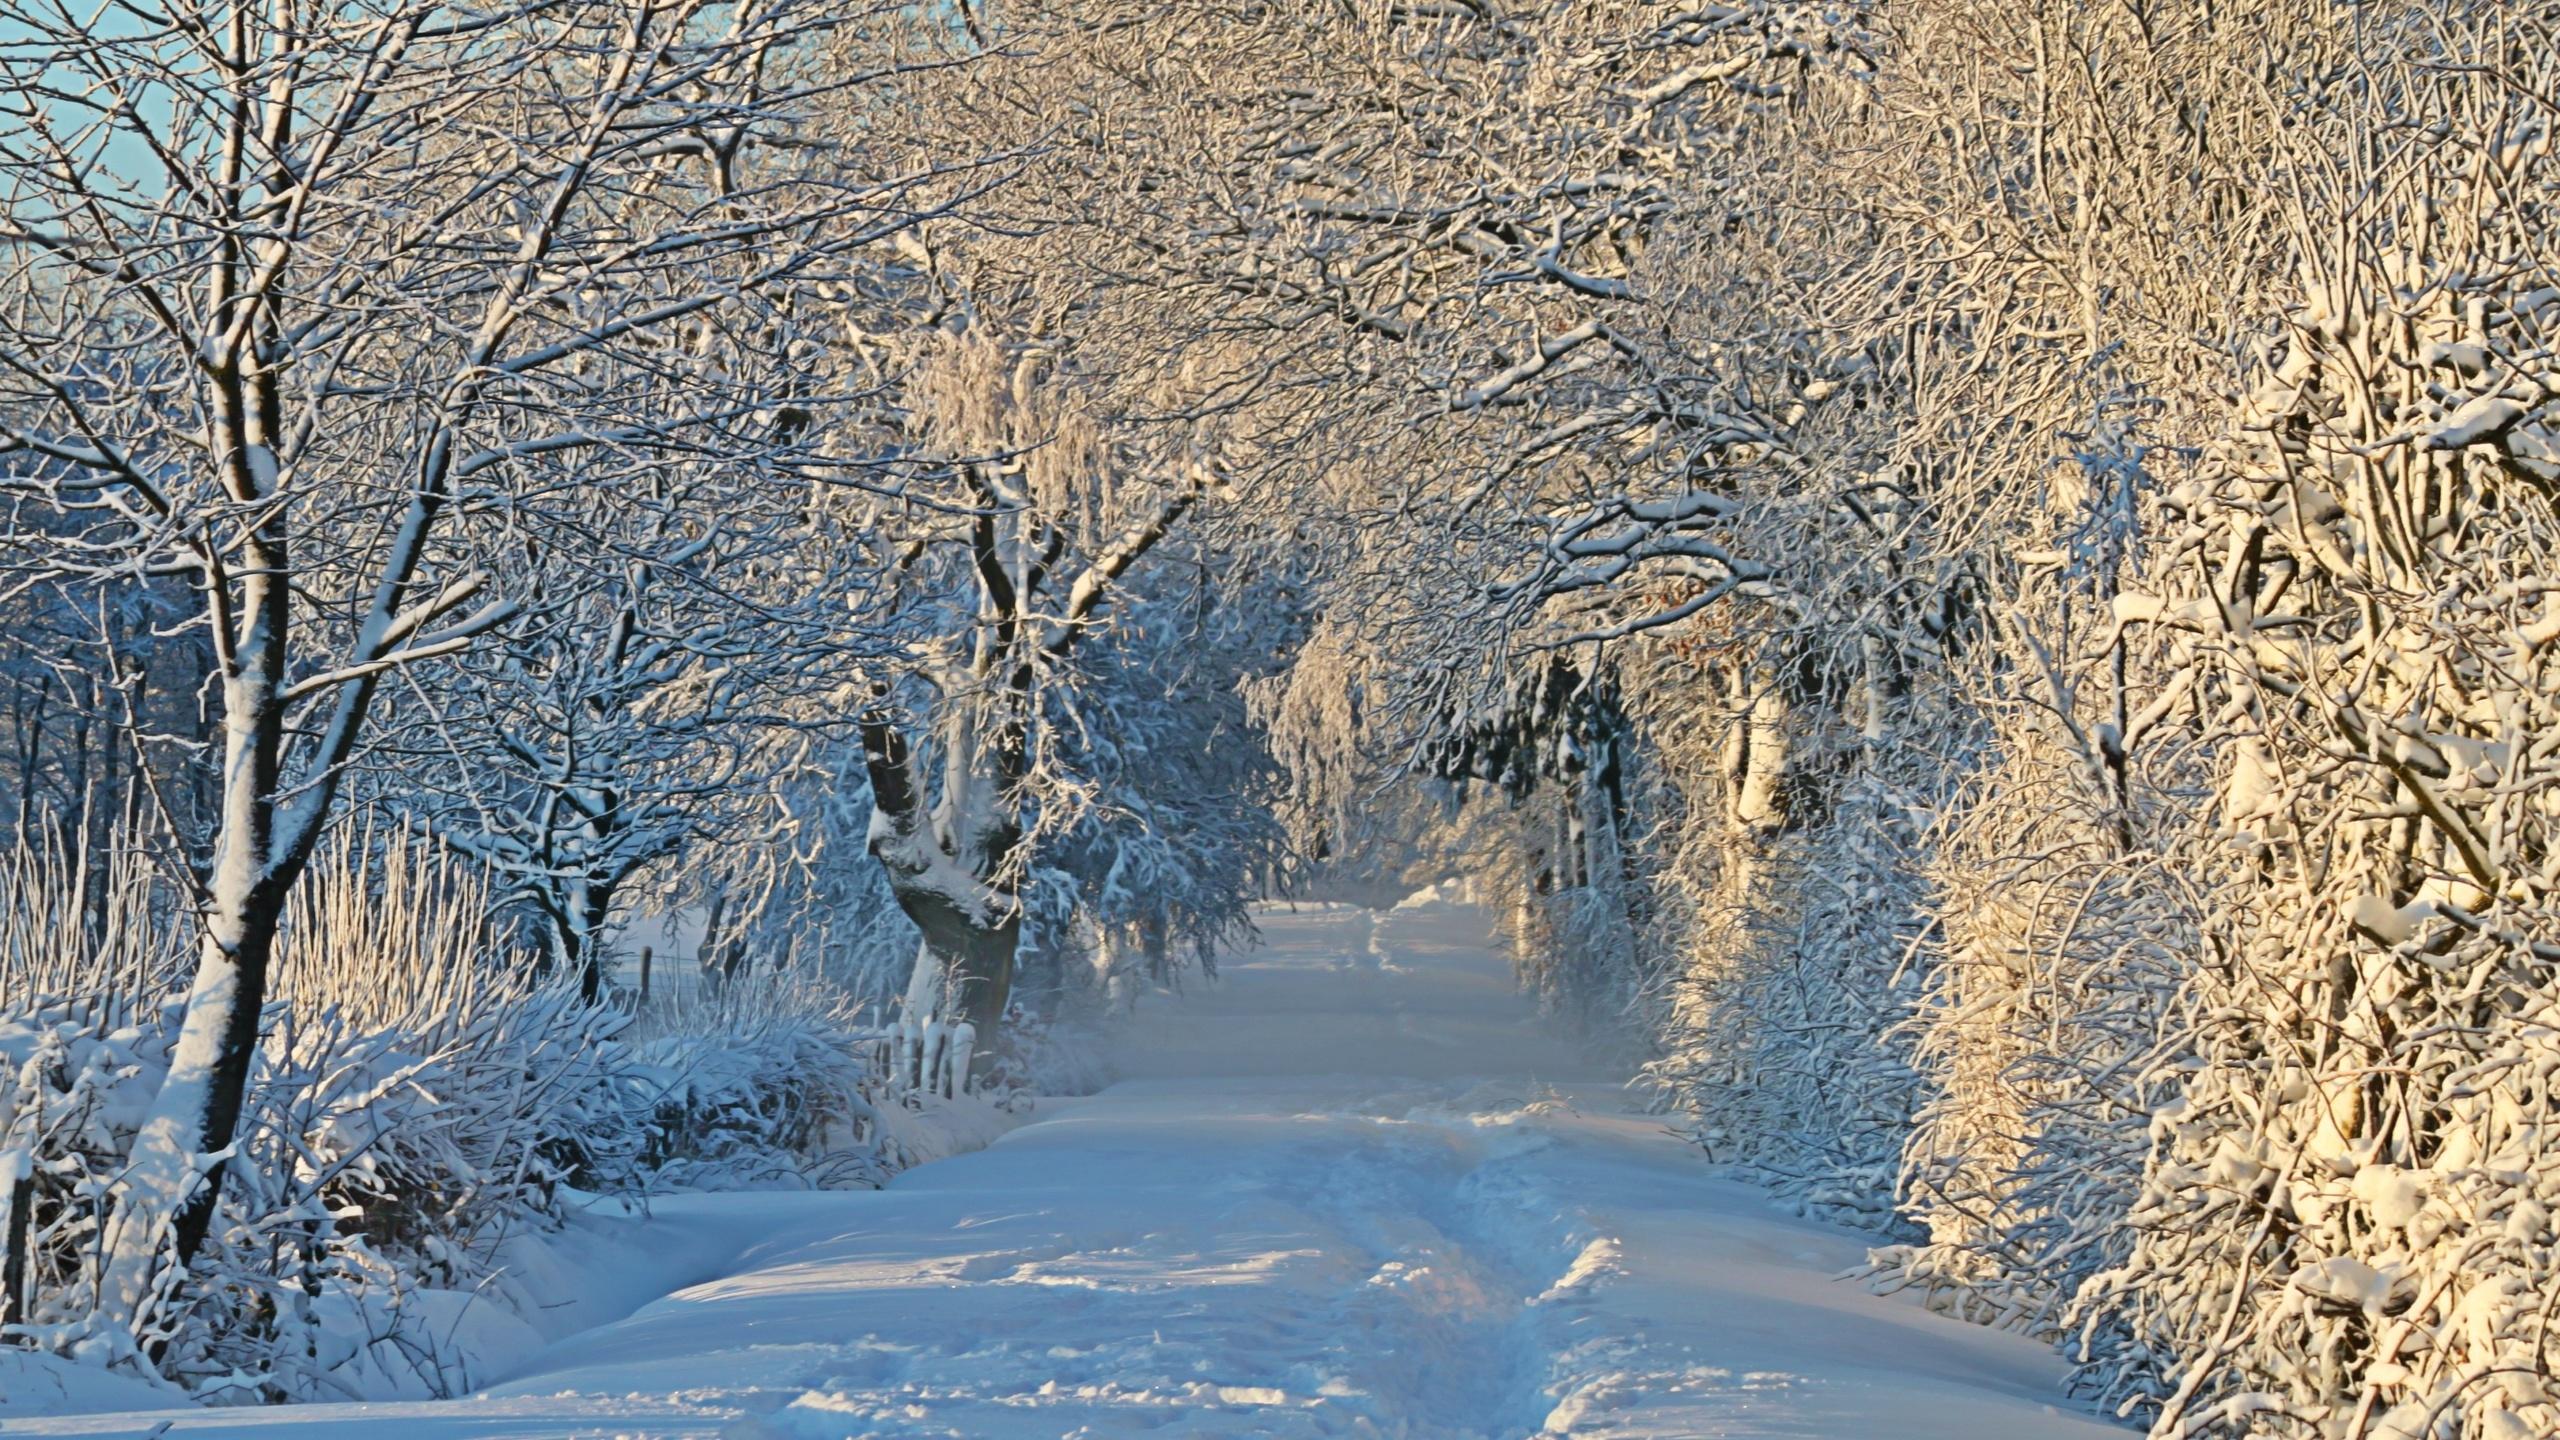 природа, пейзаж, зима, деревья, снег, аллея, тропинка, кусты